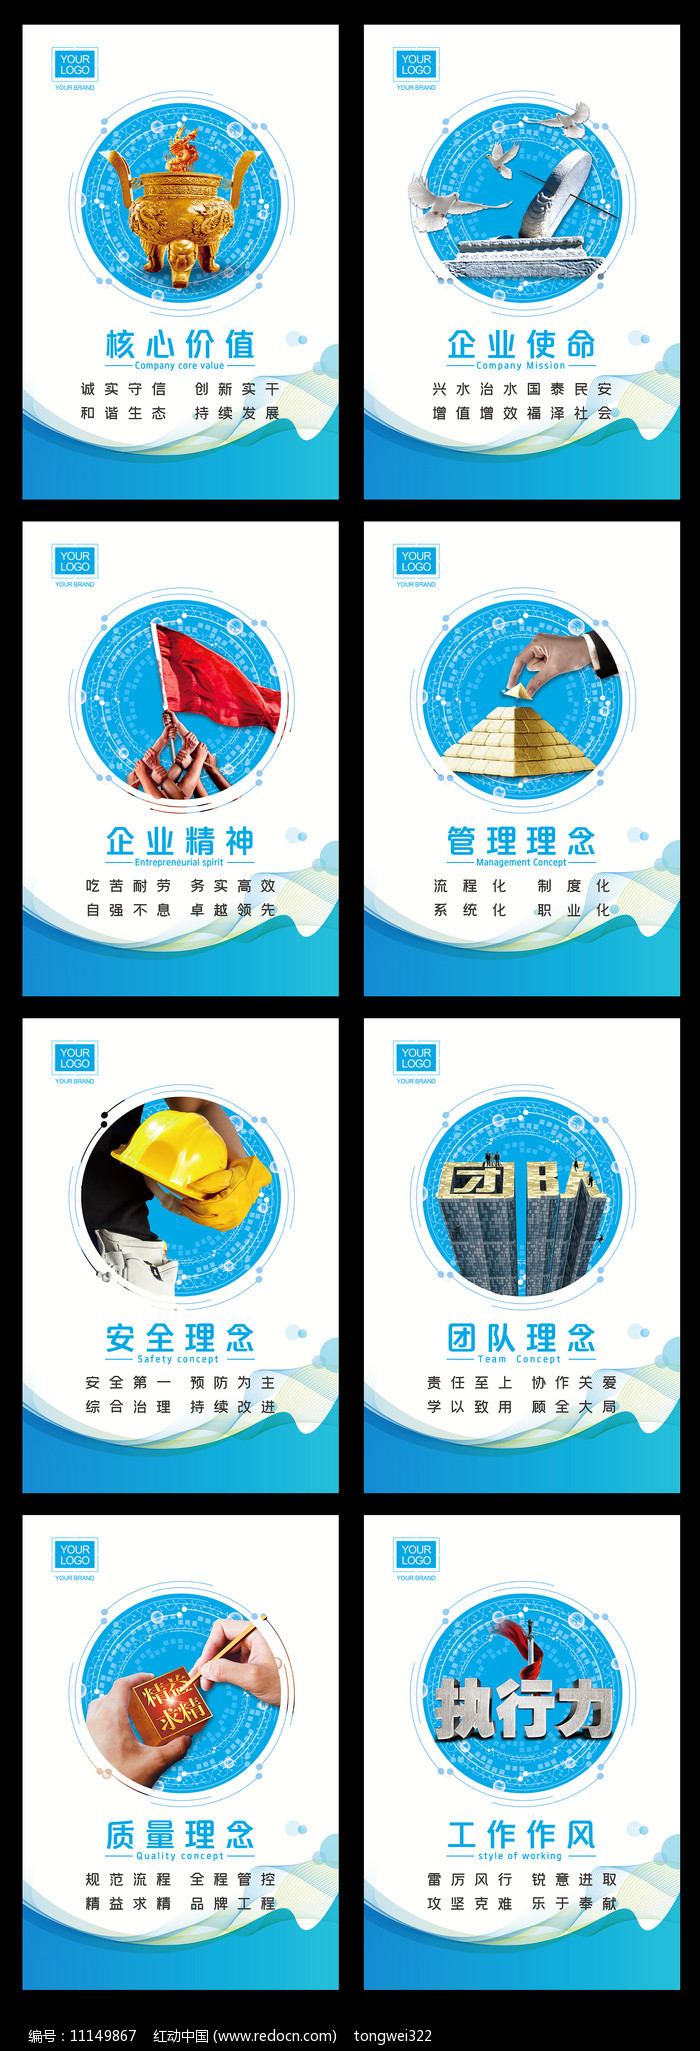 蓝色大气企业文化展板图片